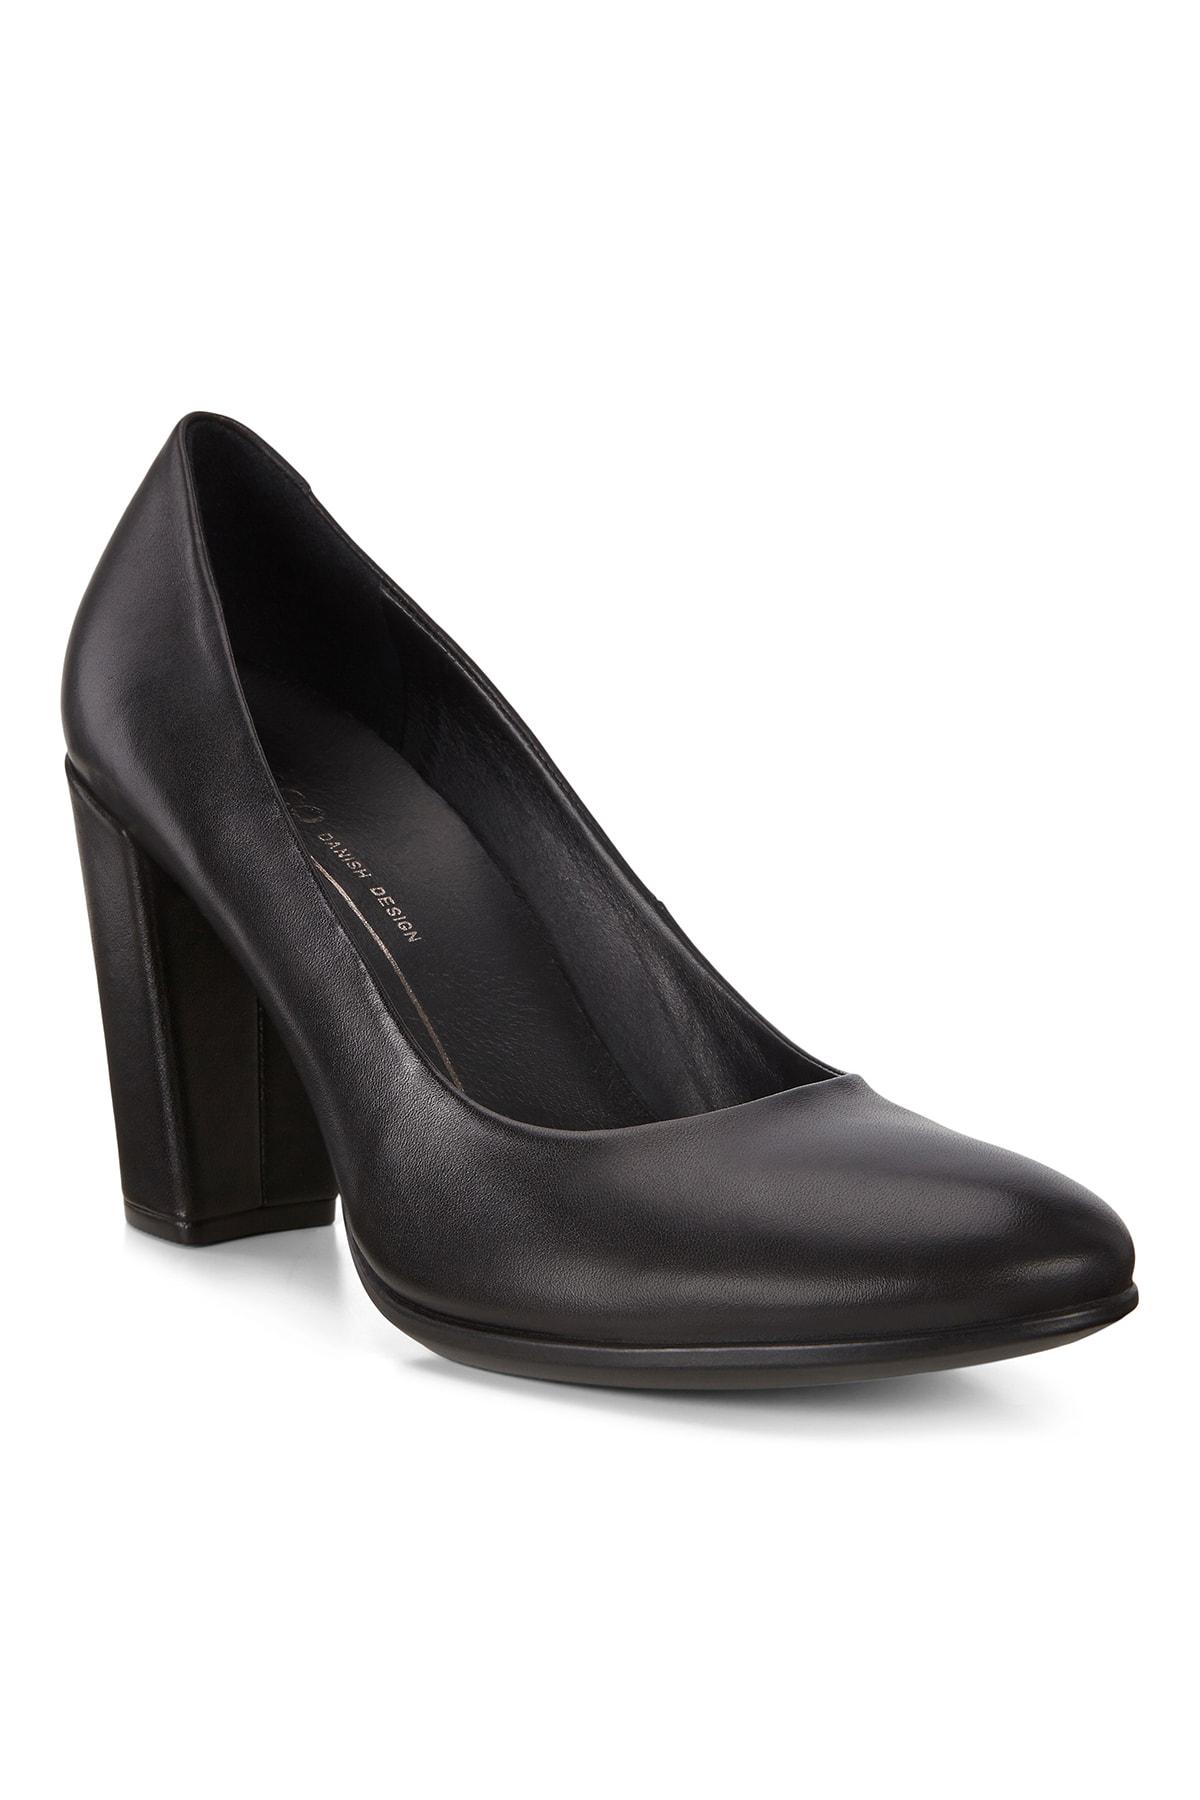 Ecco Kadın Klasik Topuklu Ayakkabı Shape 75 Block Black Siyah 260833